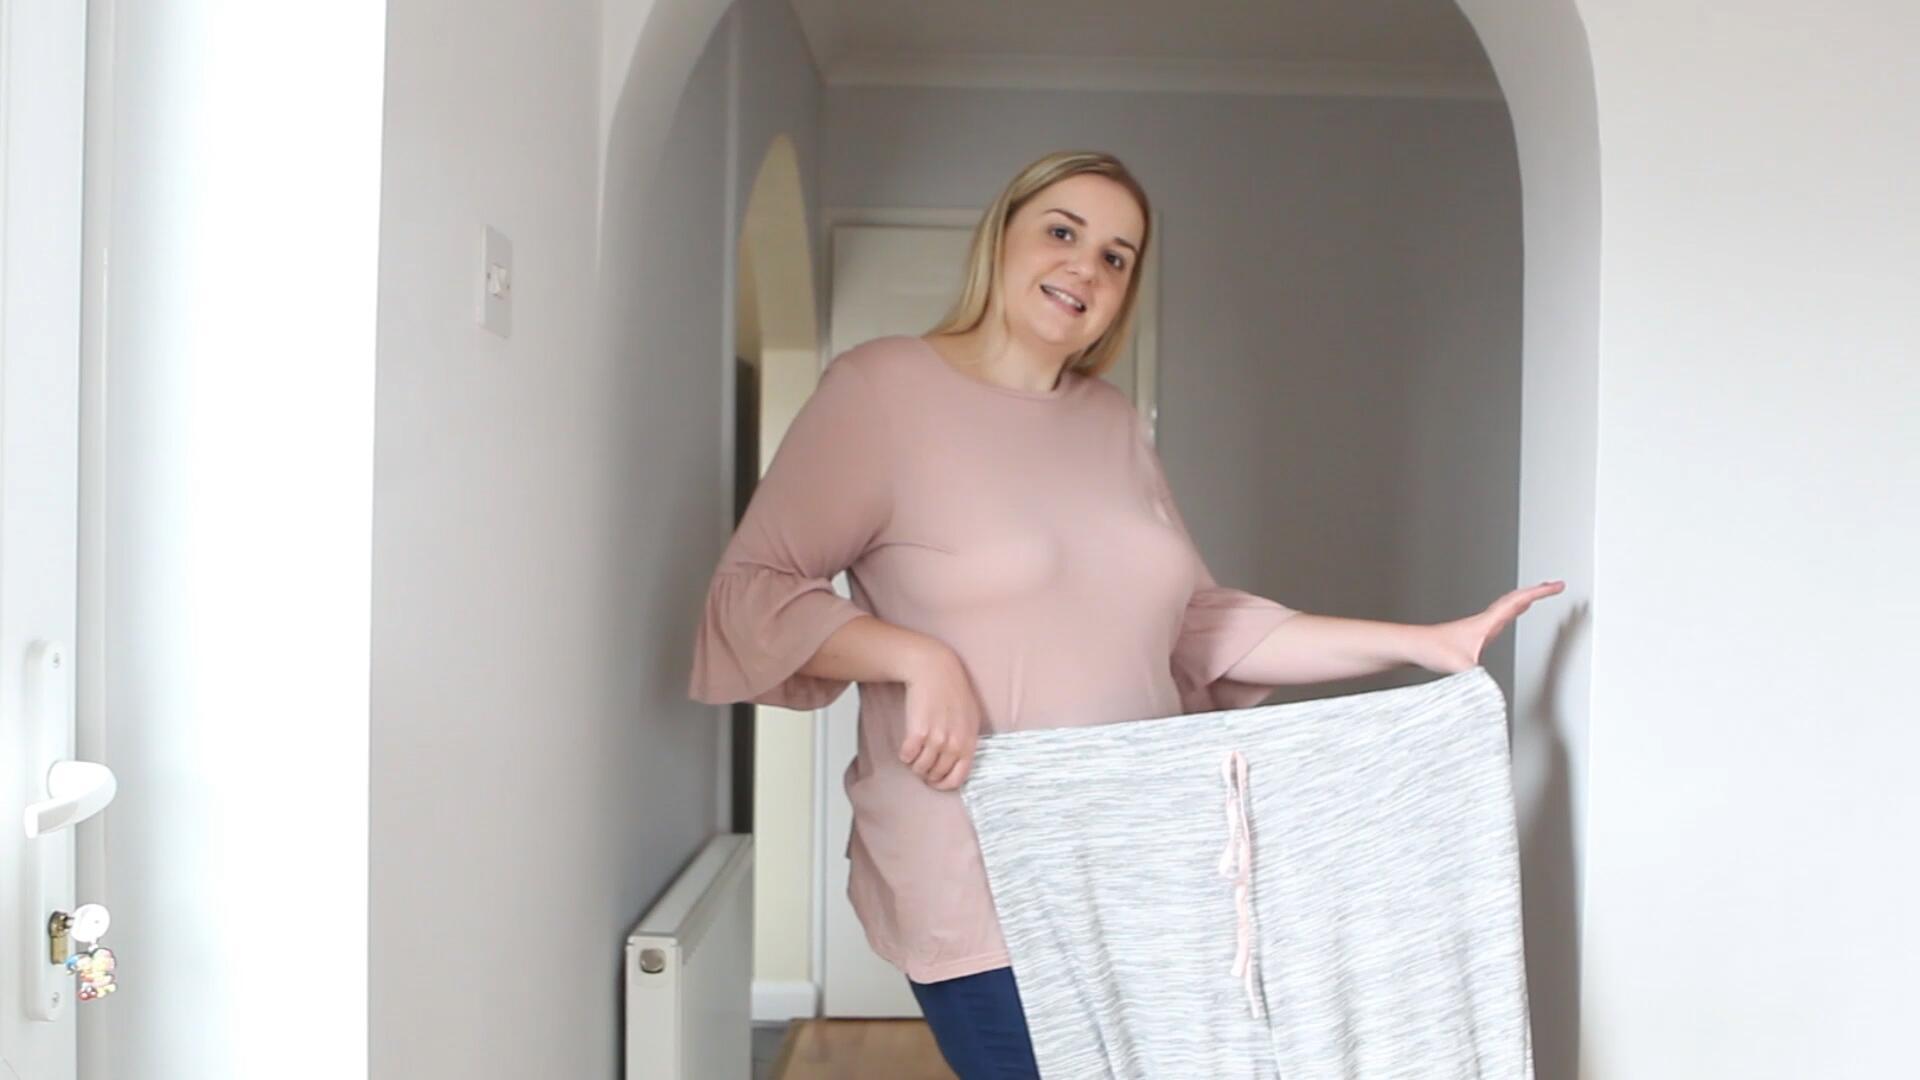 Bild zu Zu dick für Facebook: 20-Jährige speckt 37 Kilo ab